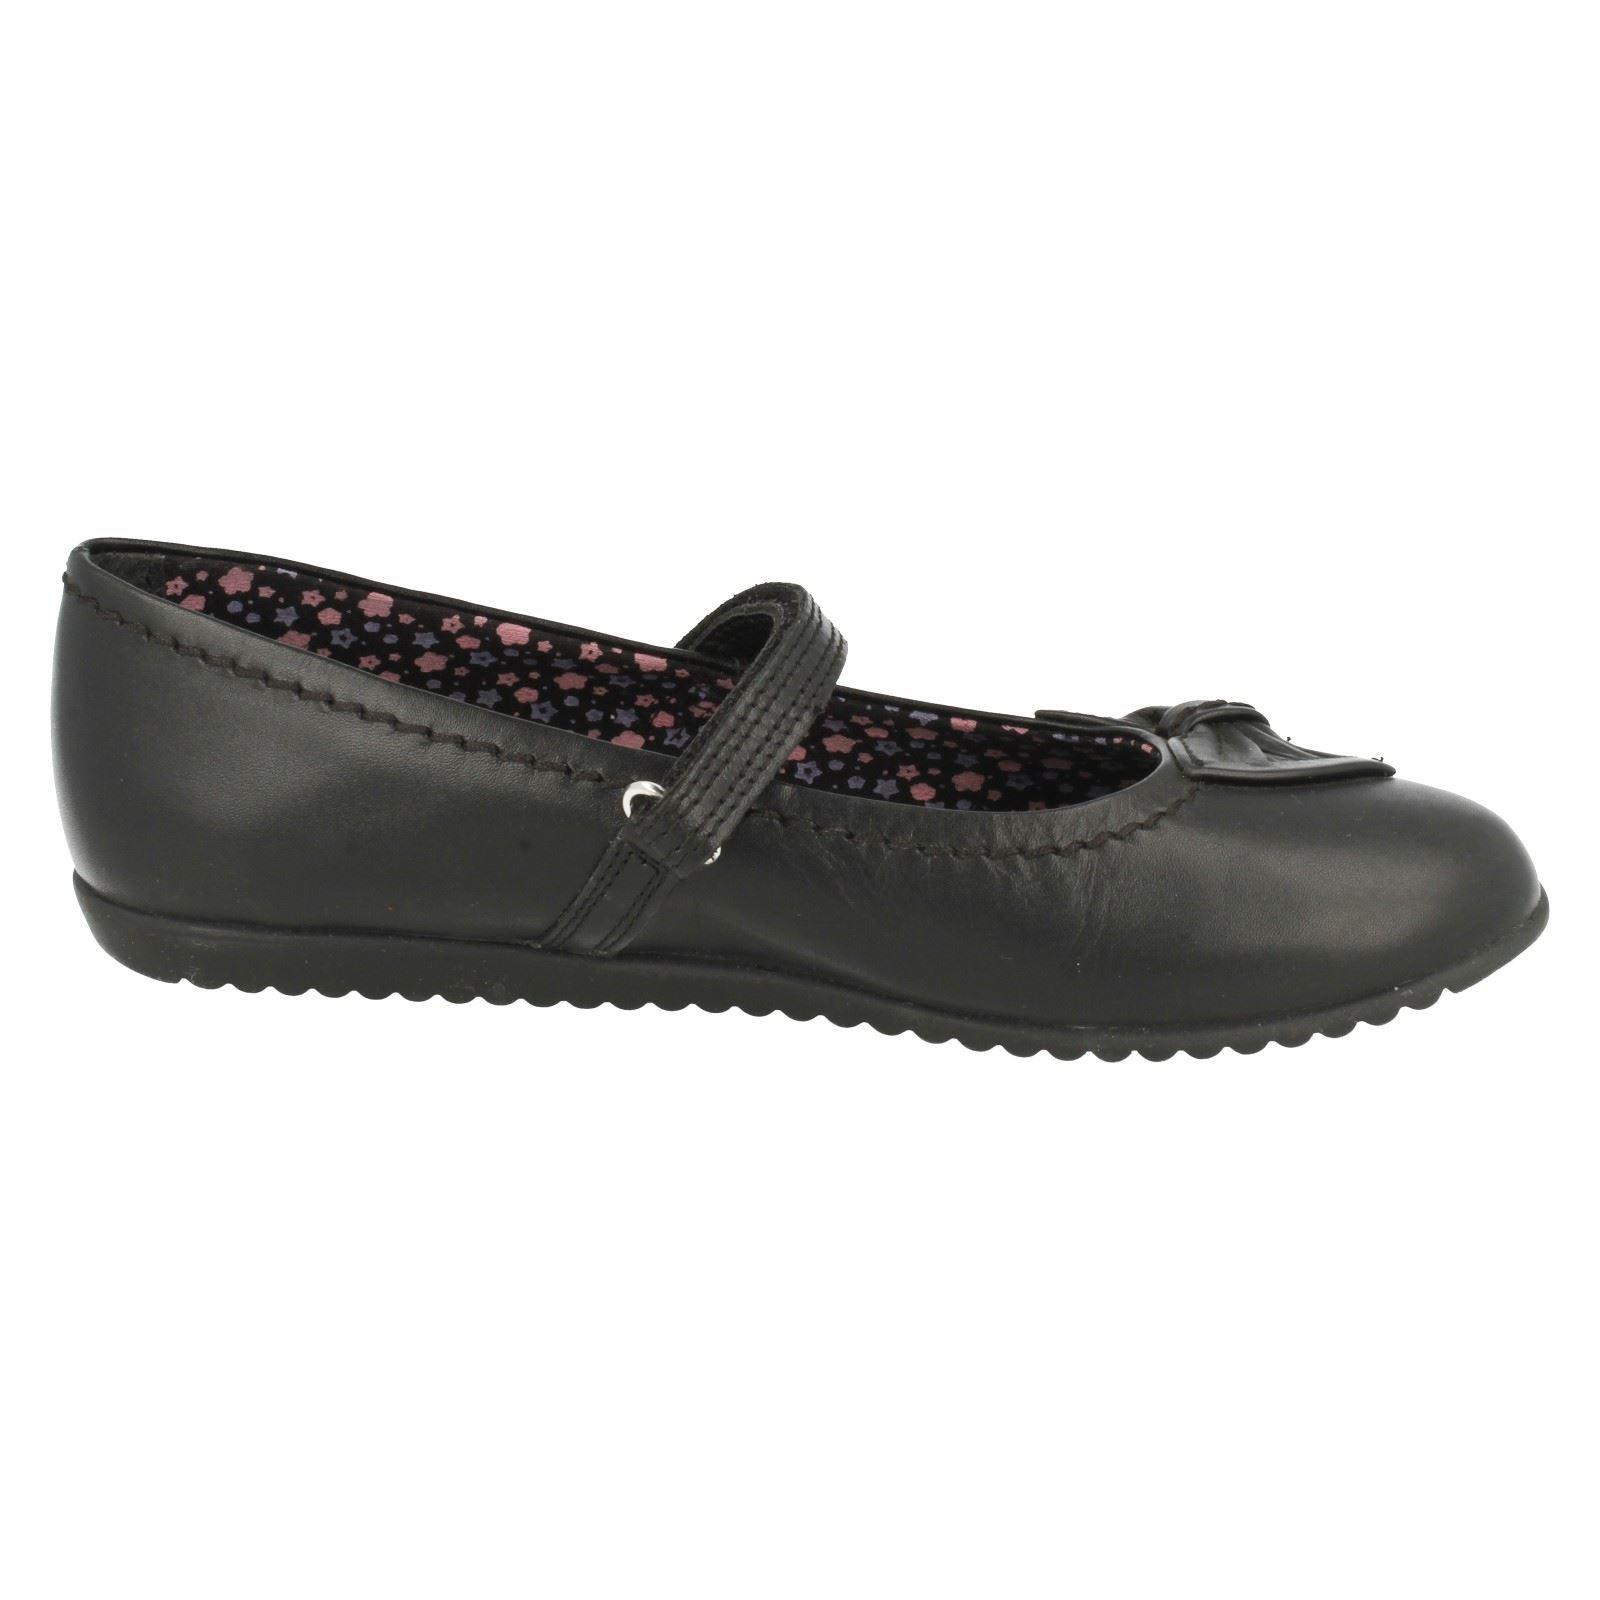 Girls Startrite Formal School Shoes *Nova*